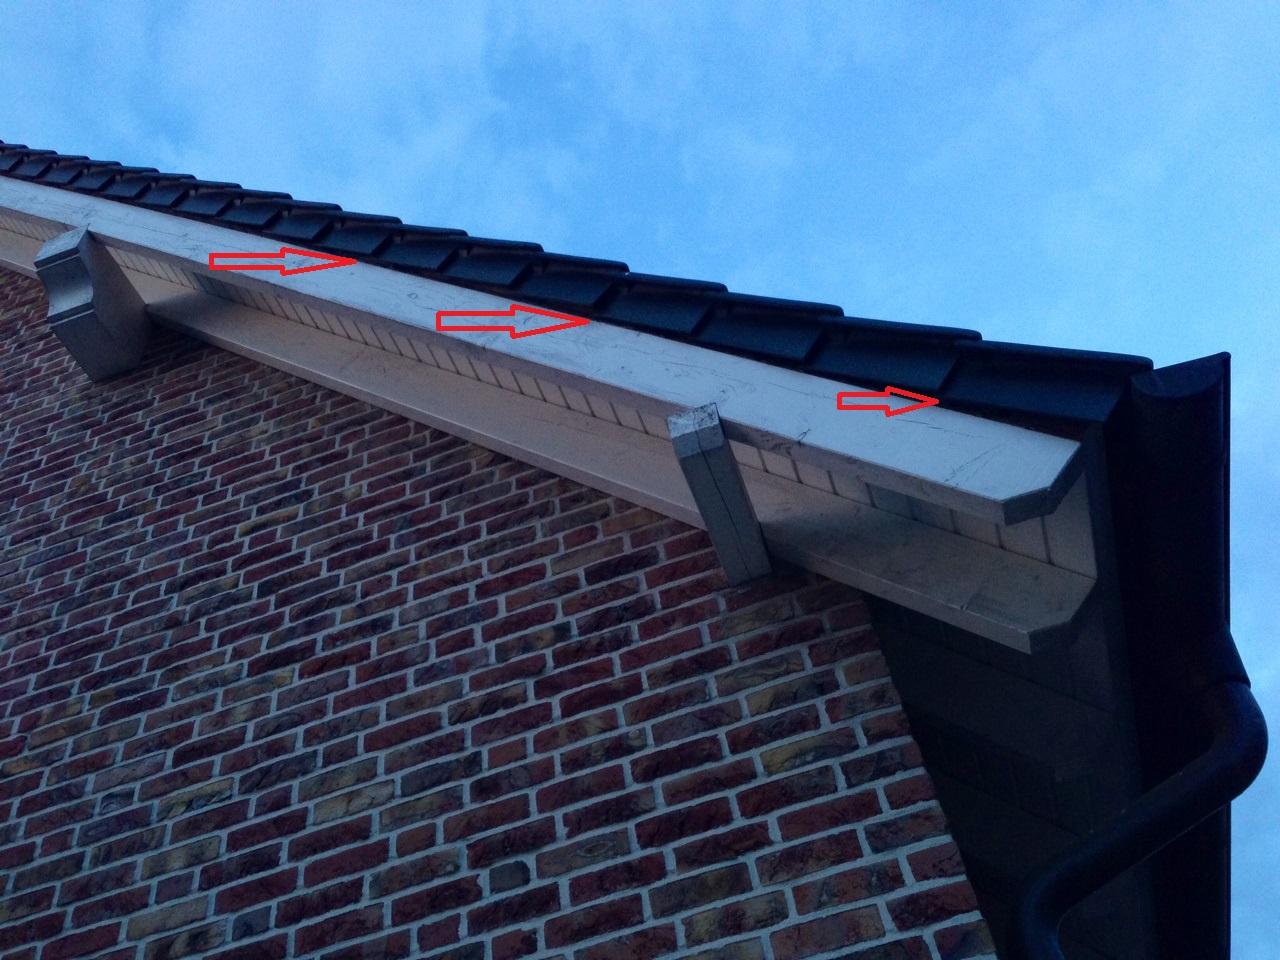 Dachbalken Verkleiden dachbalken evtl nicht ausreichend geschützt baumangel gutachter